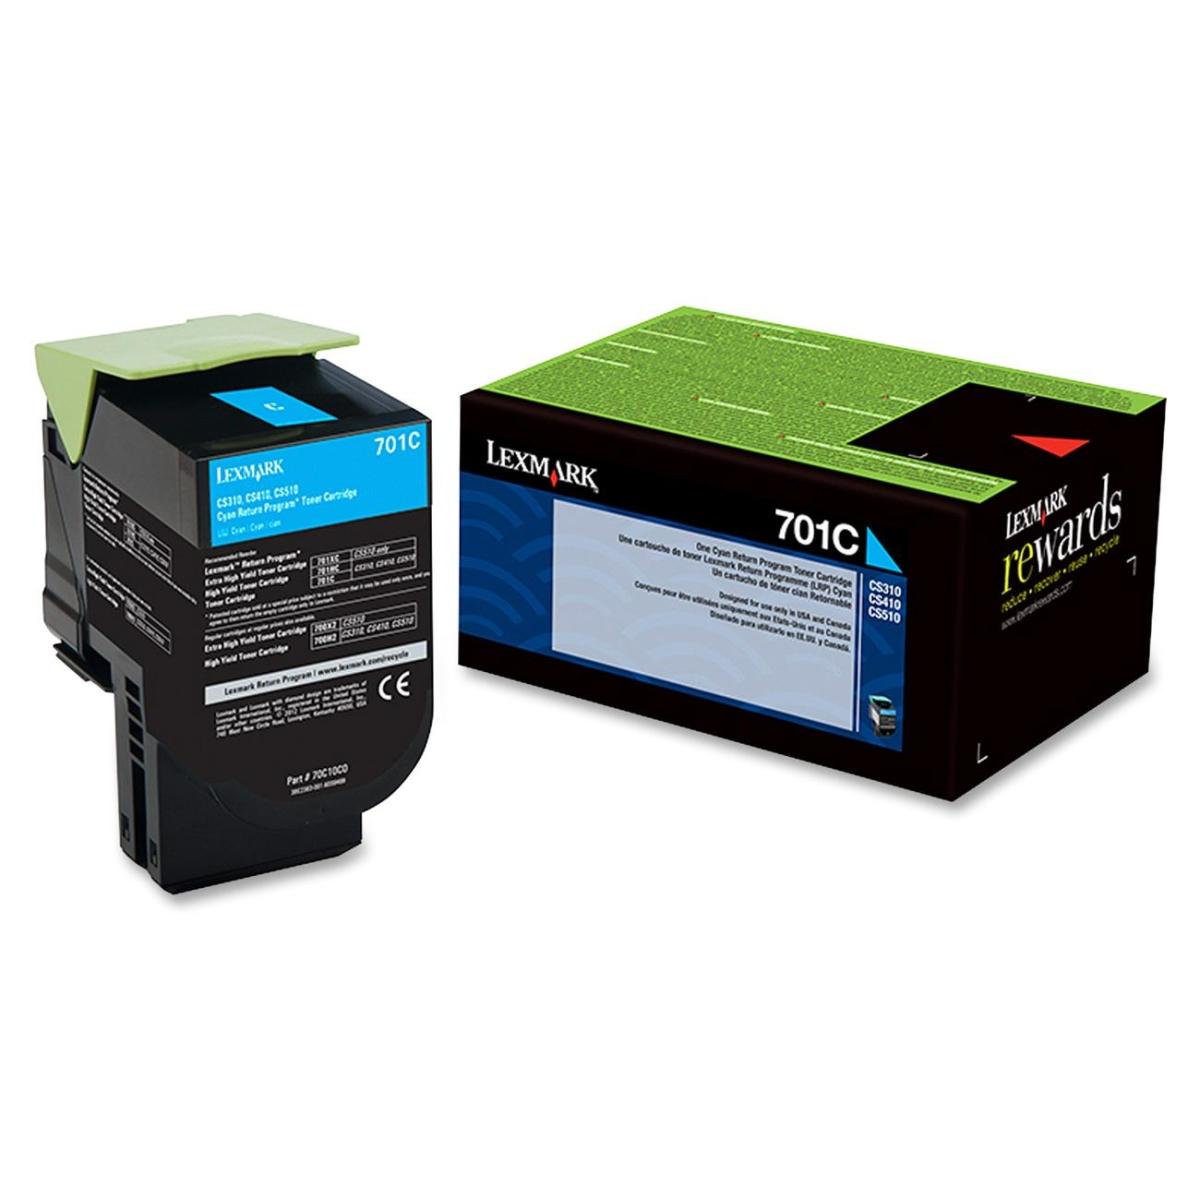 701C - Cyan - original - toner cartridge LCCP LRP - for Lexmark CS310dn CS310n CS410dn CS410dtn CS410n CS510de CS510dte